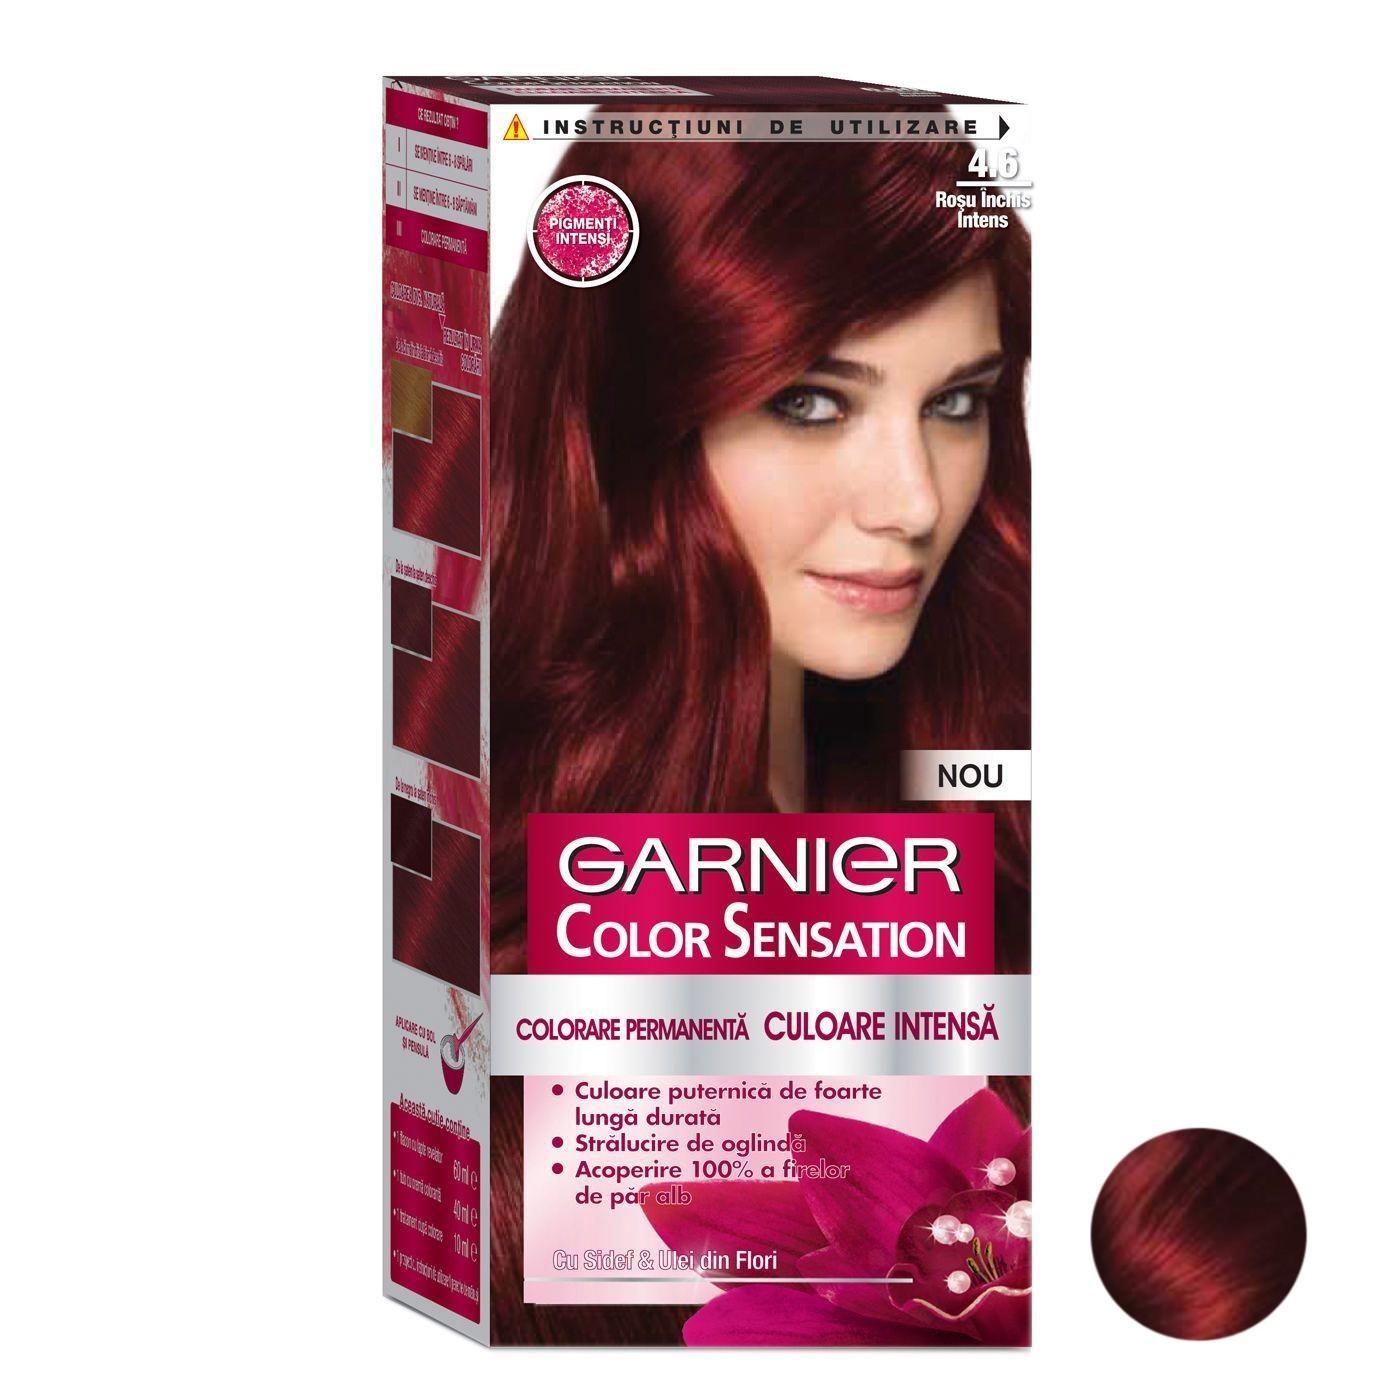 کیت رنگ مو گارنیه شماره 4.60 حجم 40 میلی لیتر رنگ قرمز تیره